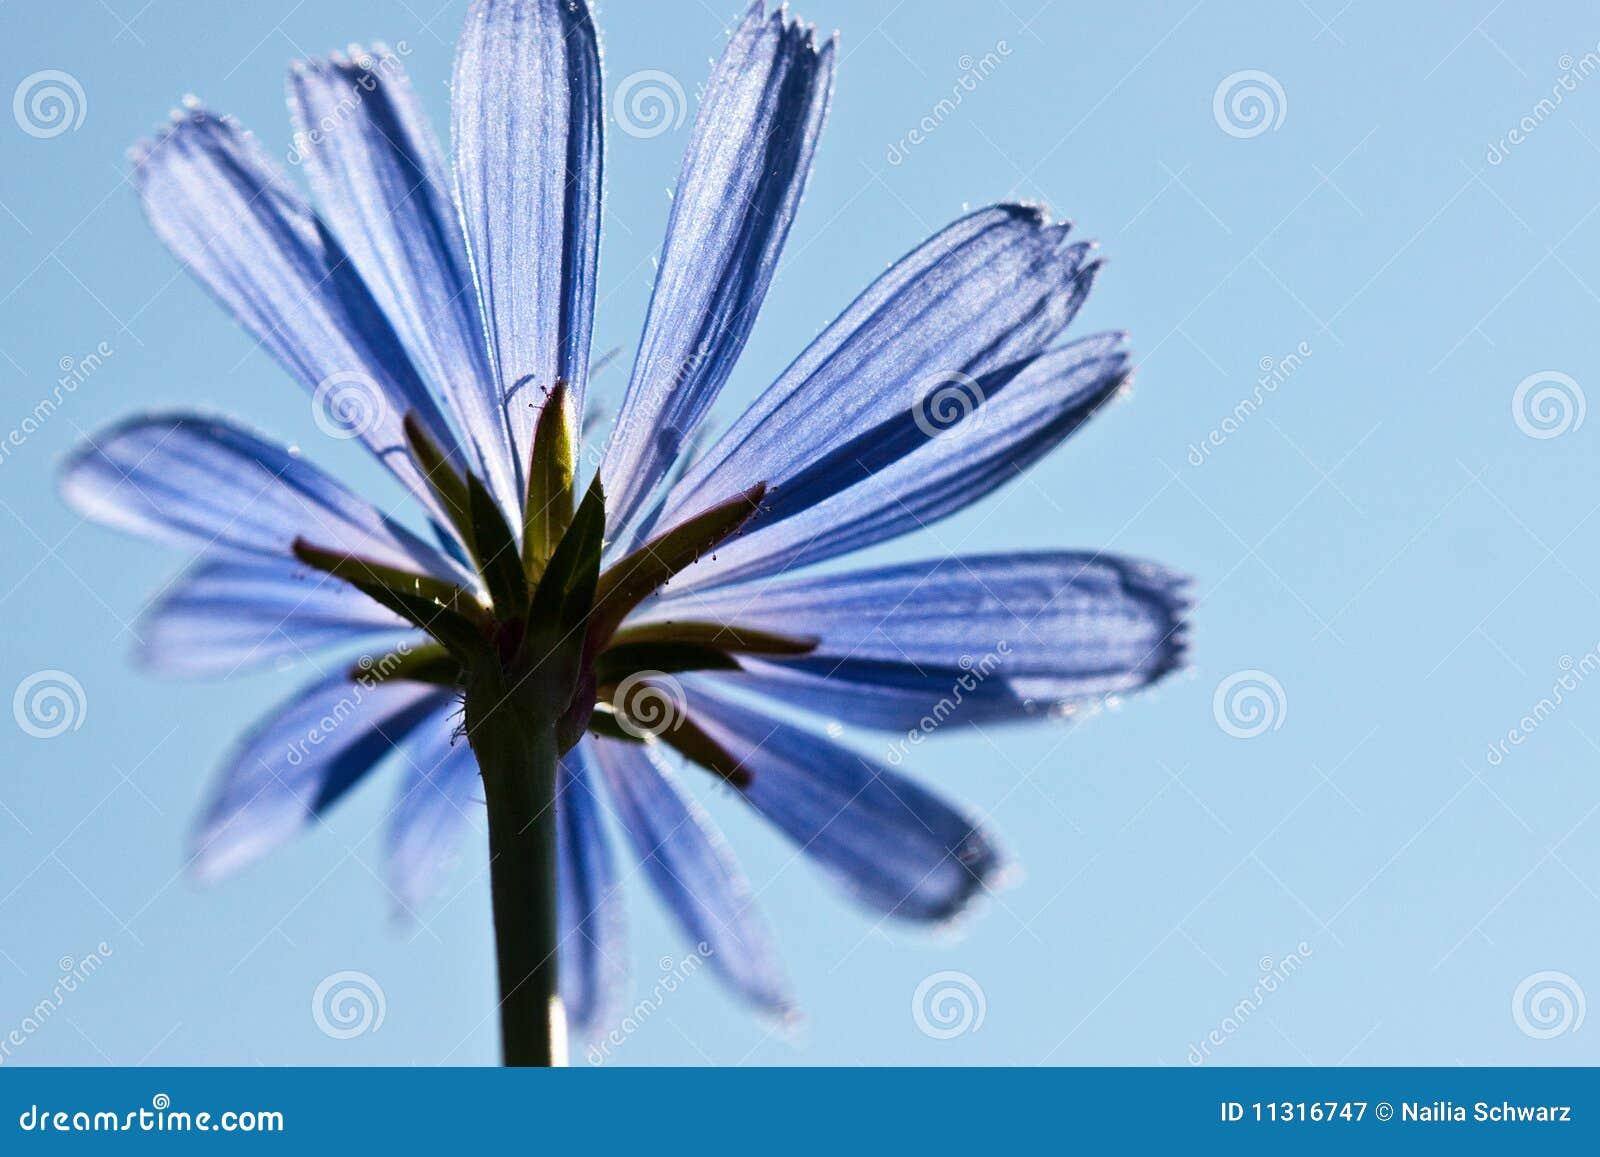 Geläufige Zichorieblume, Cichorium intybus